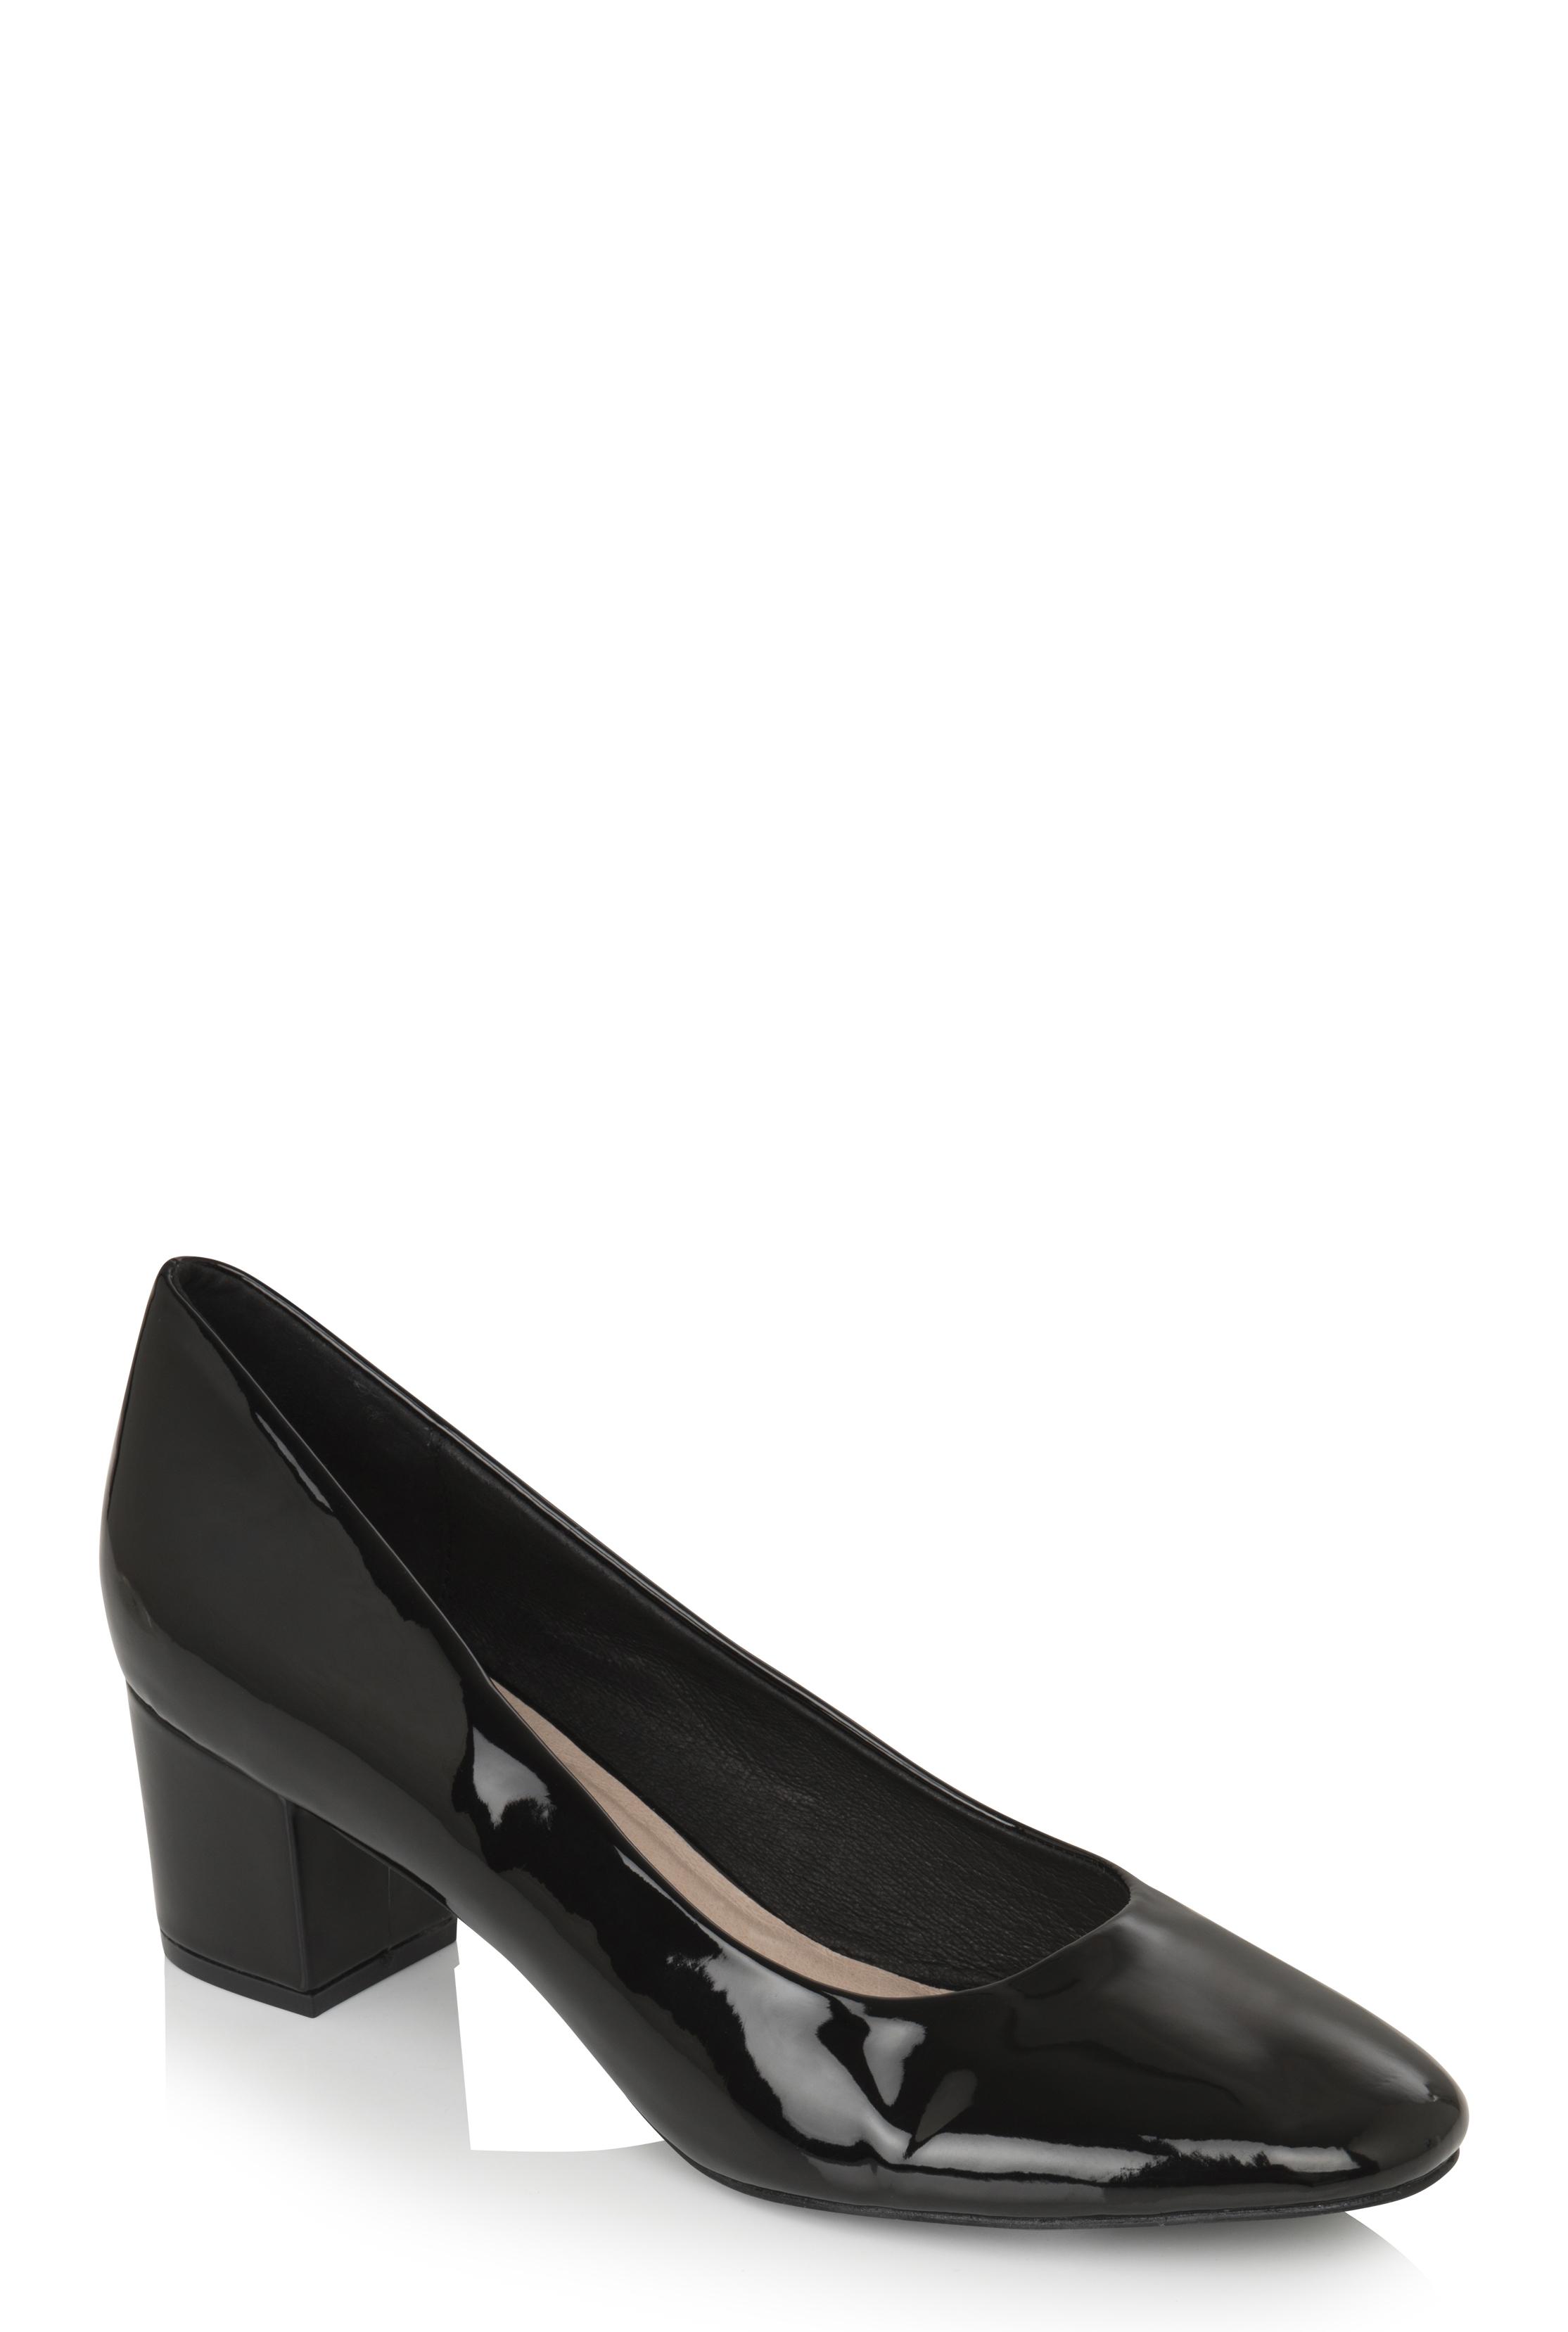 LTS Black Adeline Block Heel